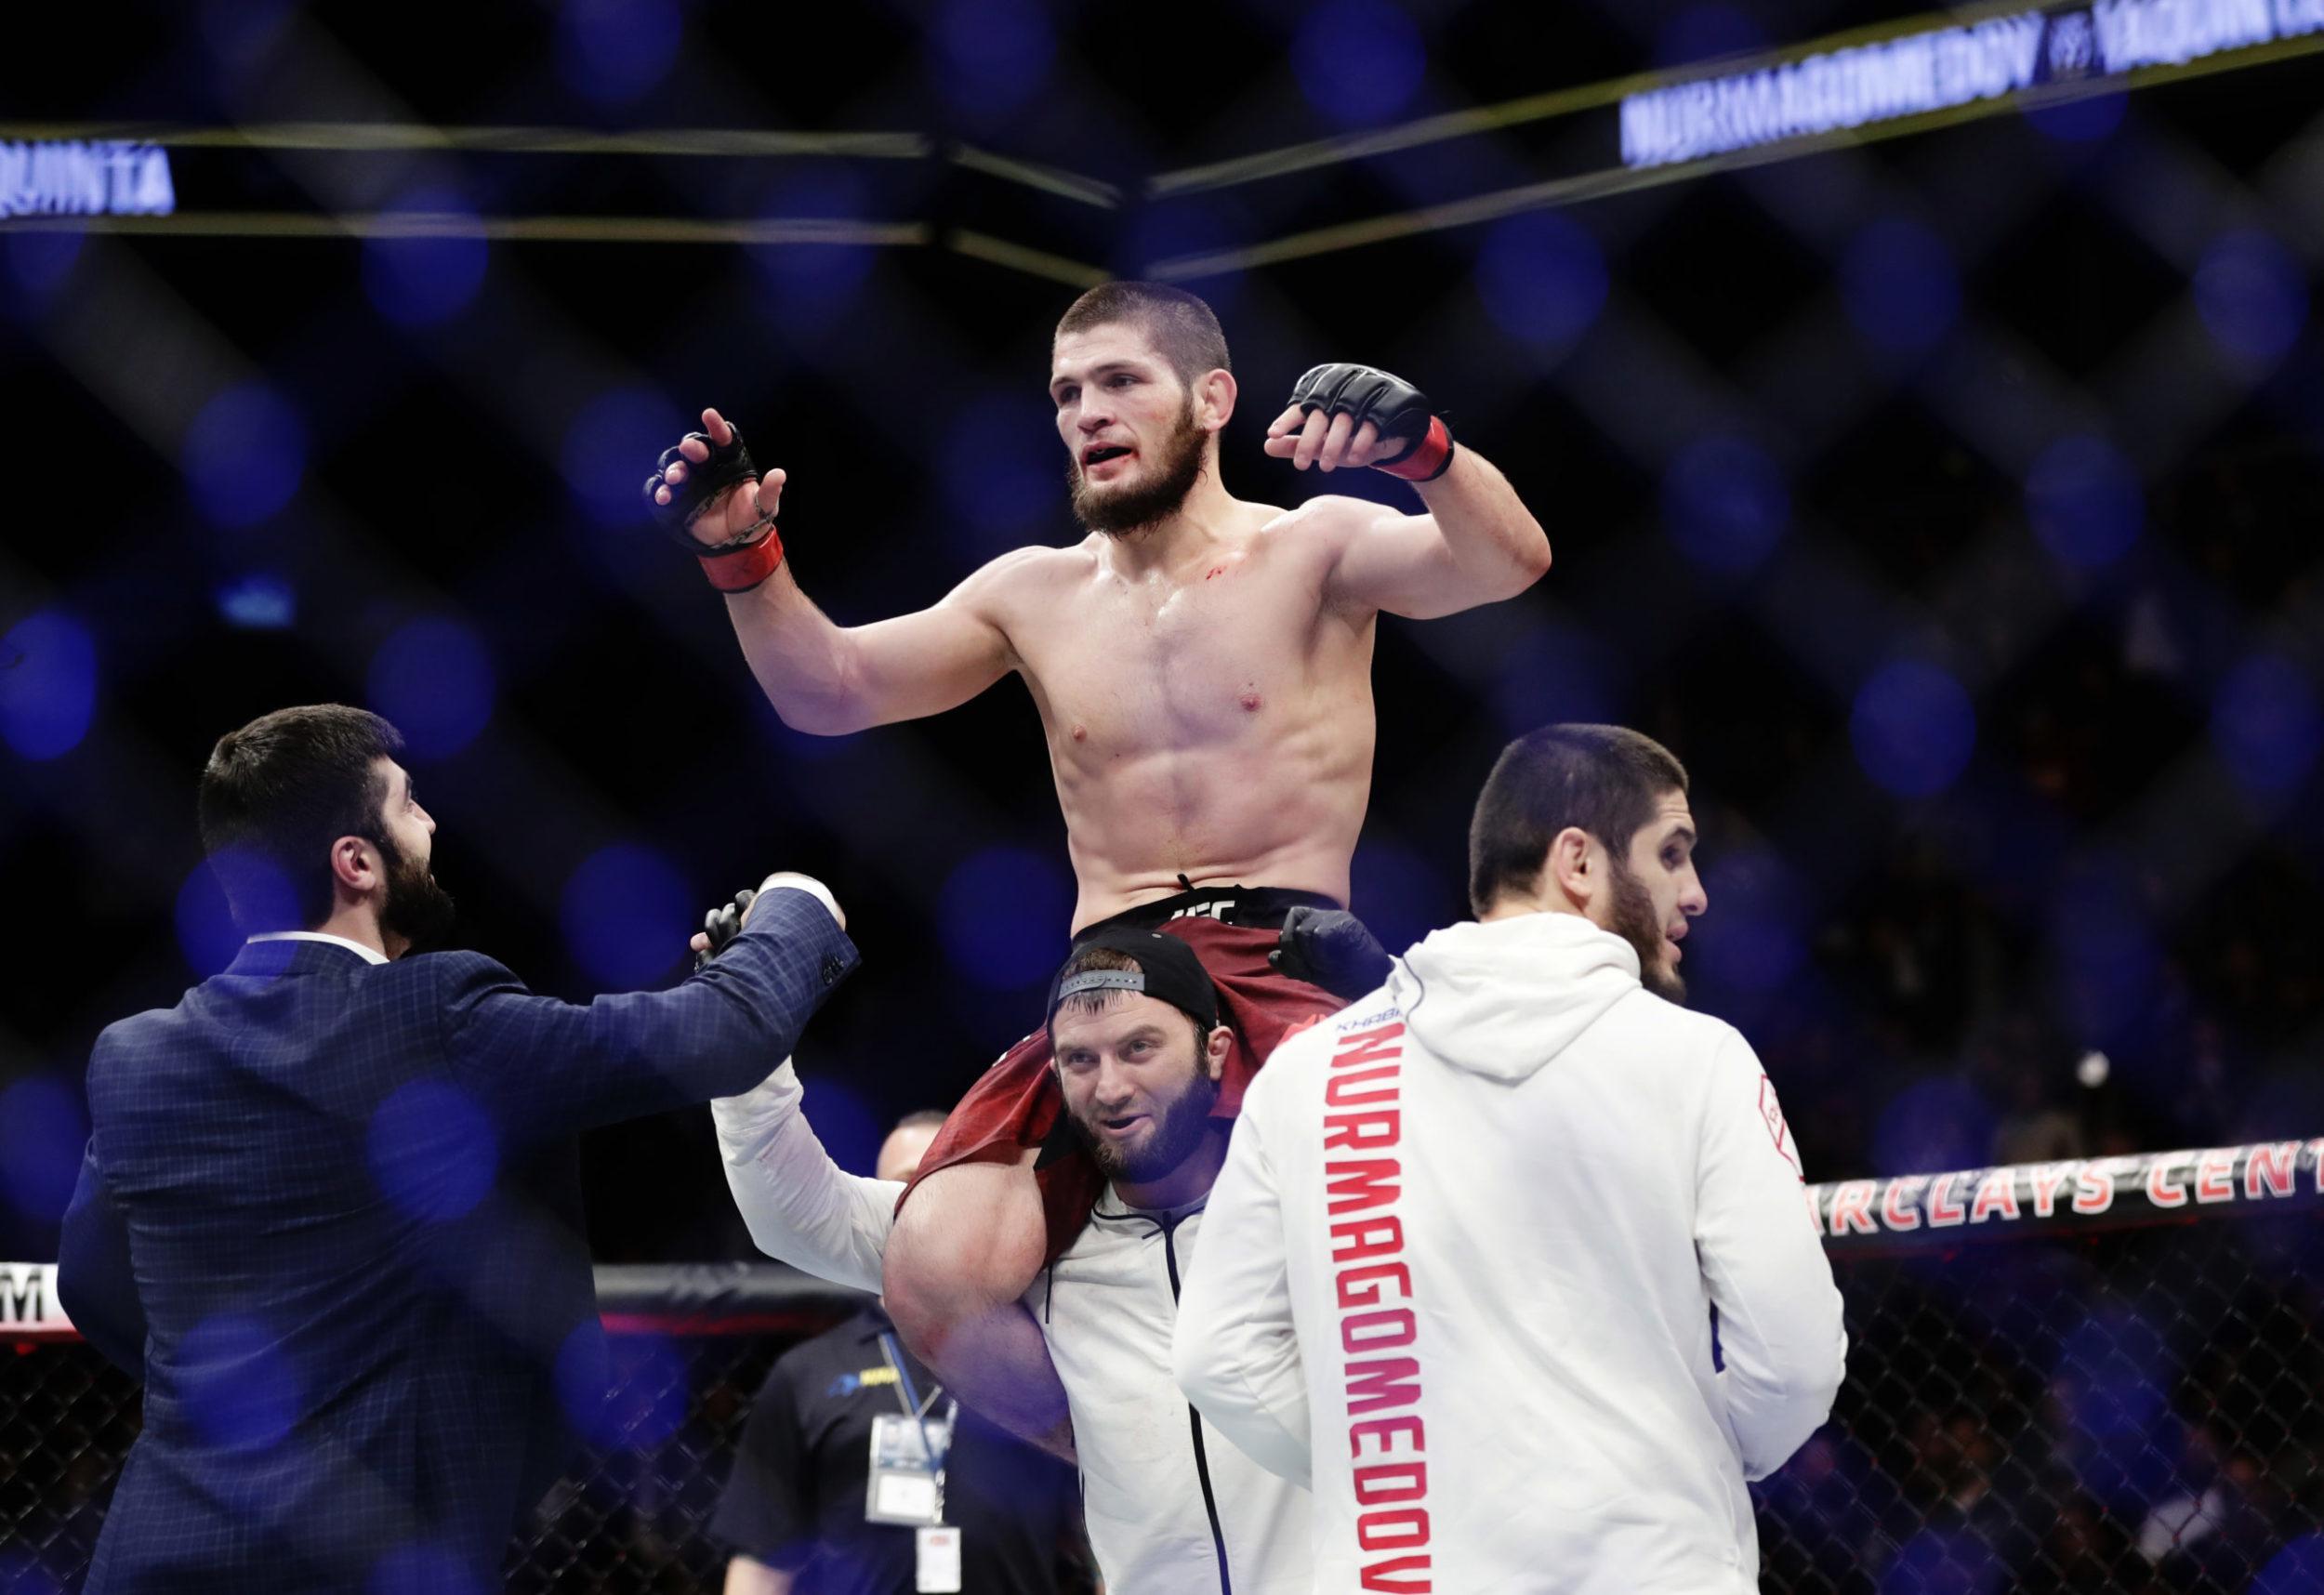 UFC_223_Mixed_Martial_Arts446622513700